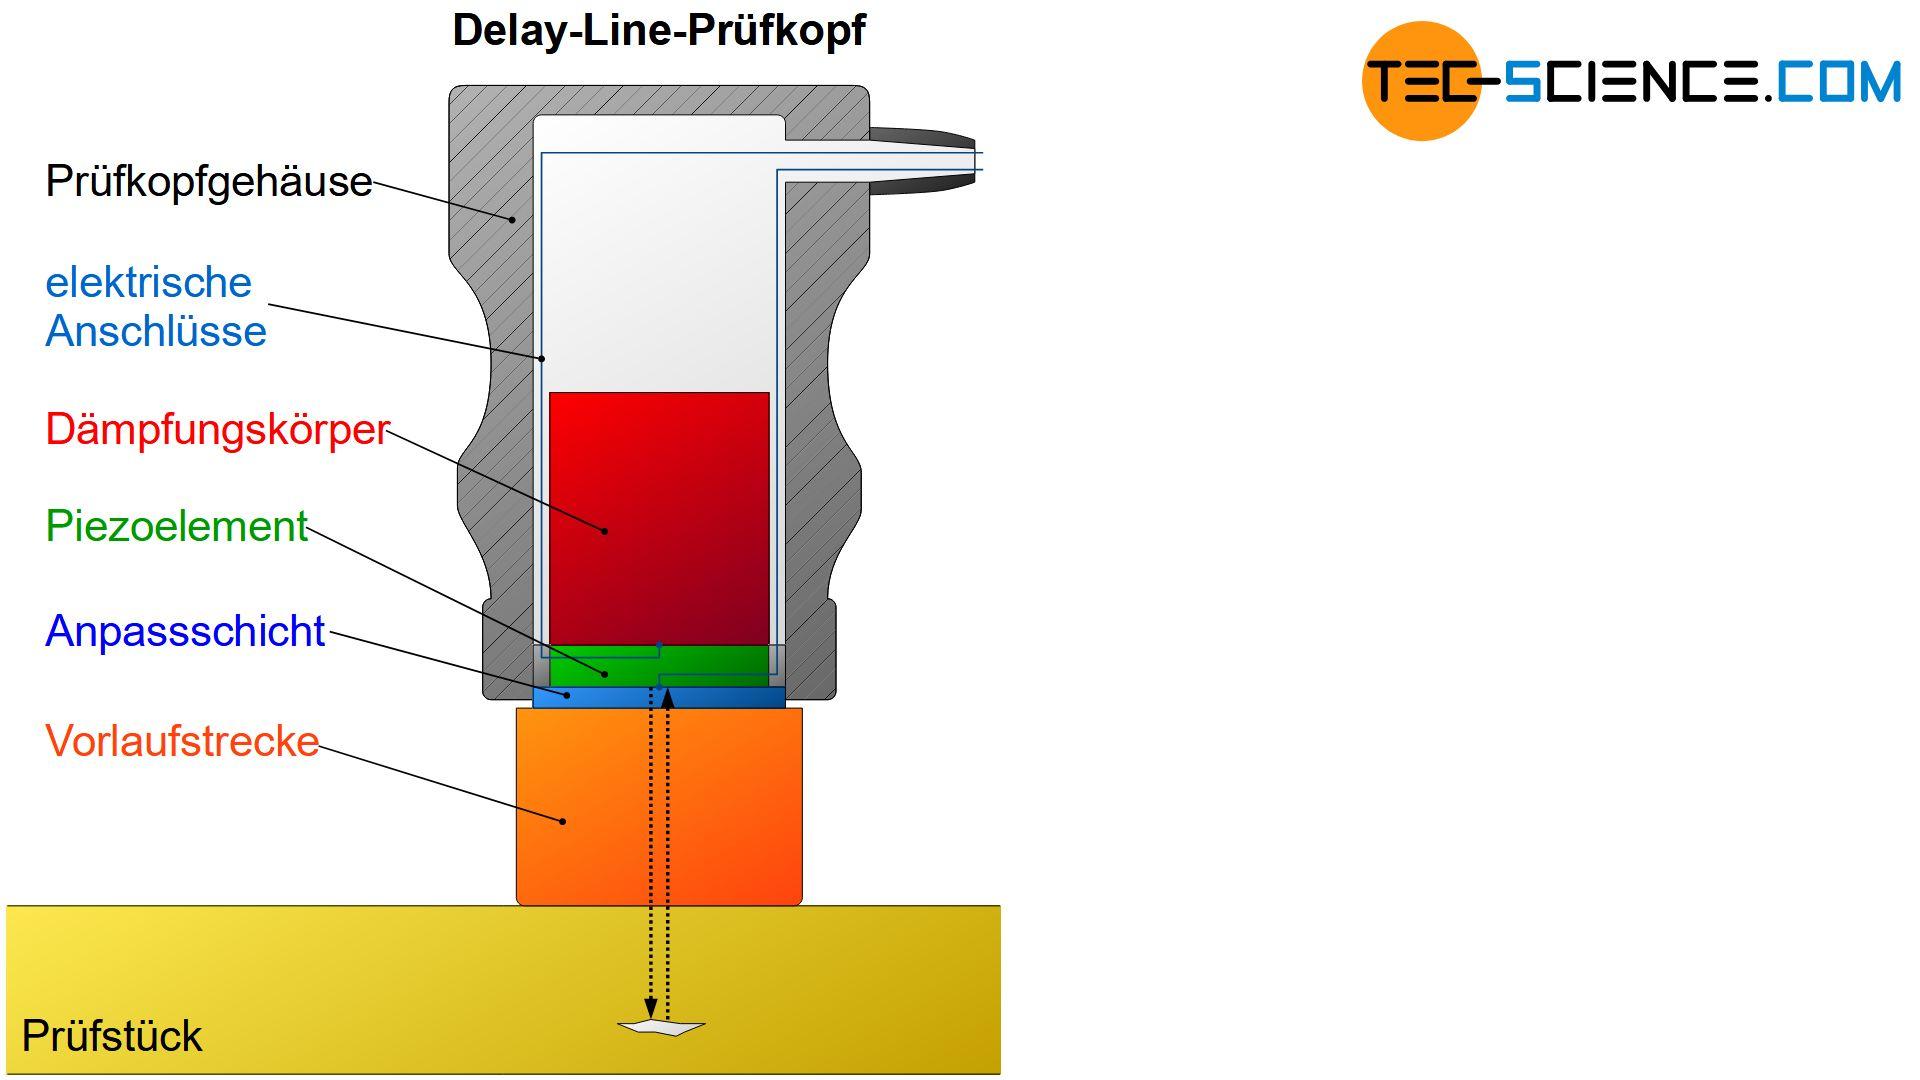 Aufbau eines Delay-Line-Prüfkopfes